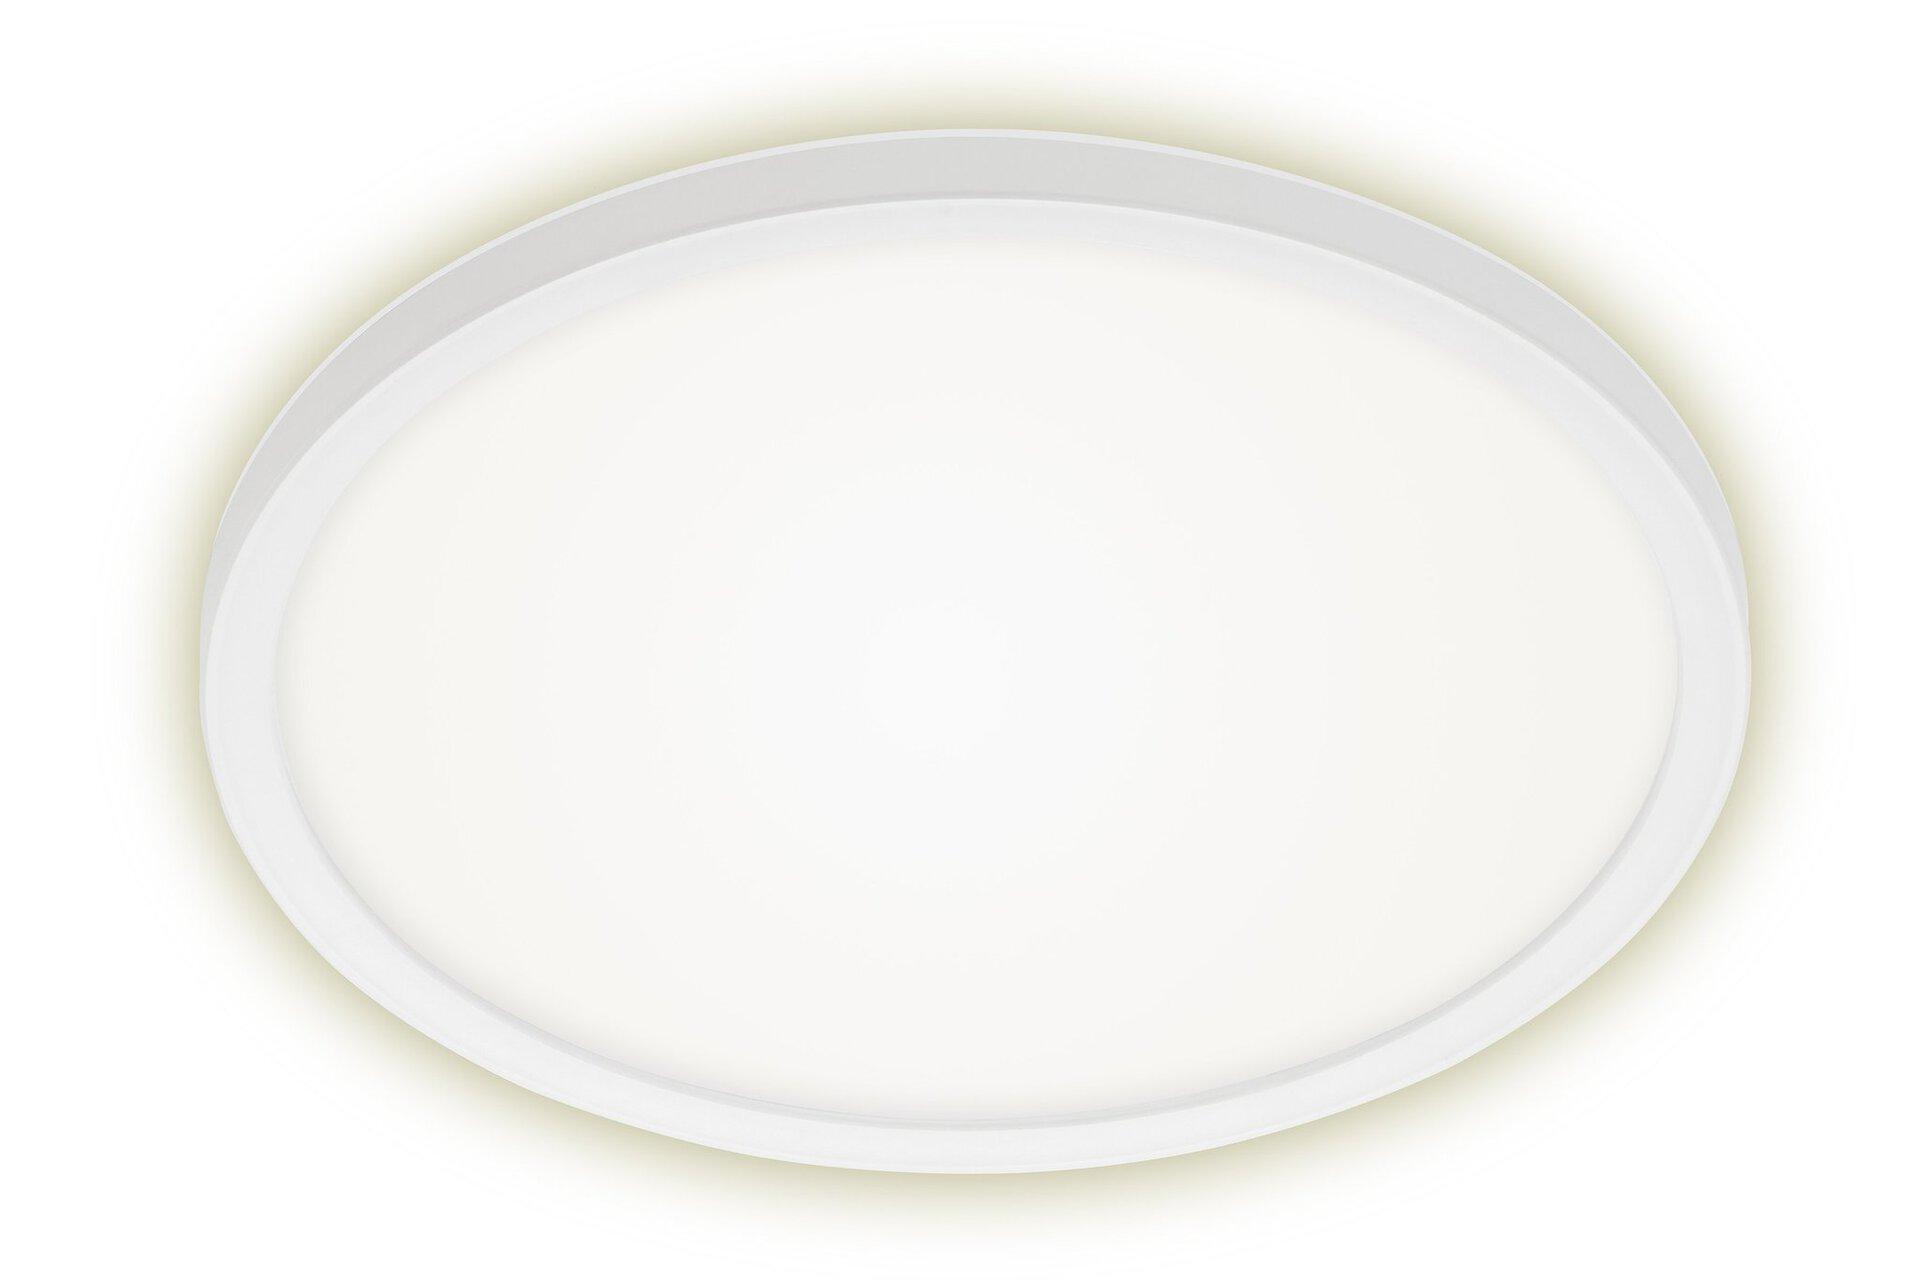 Deckenleuchte SLIM Briloner Metall weiß 29 x 3 x 29 cm